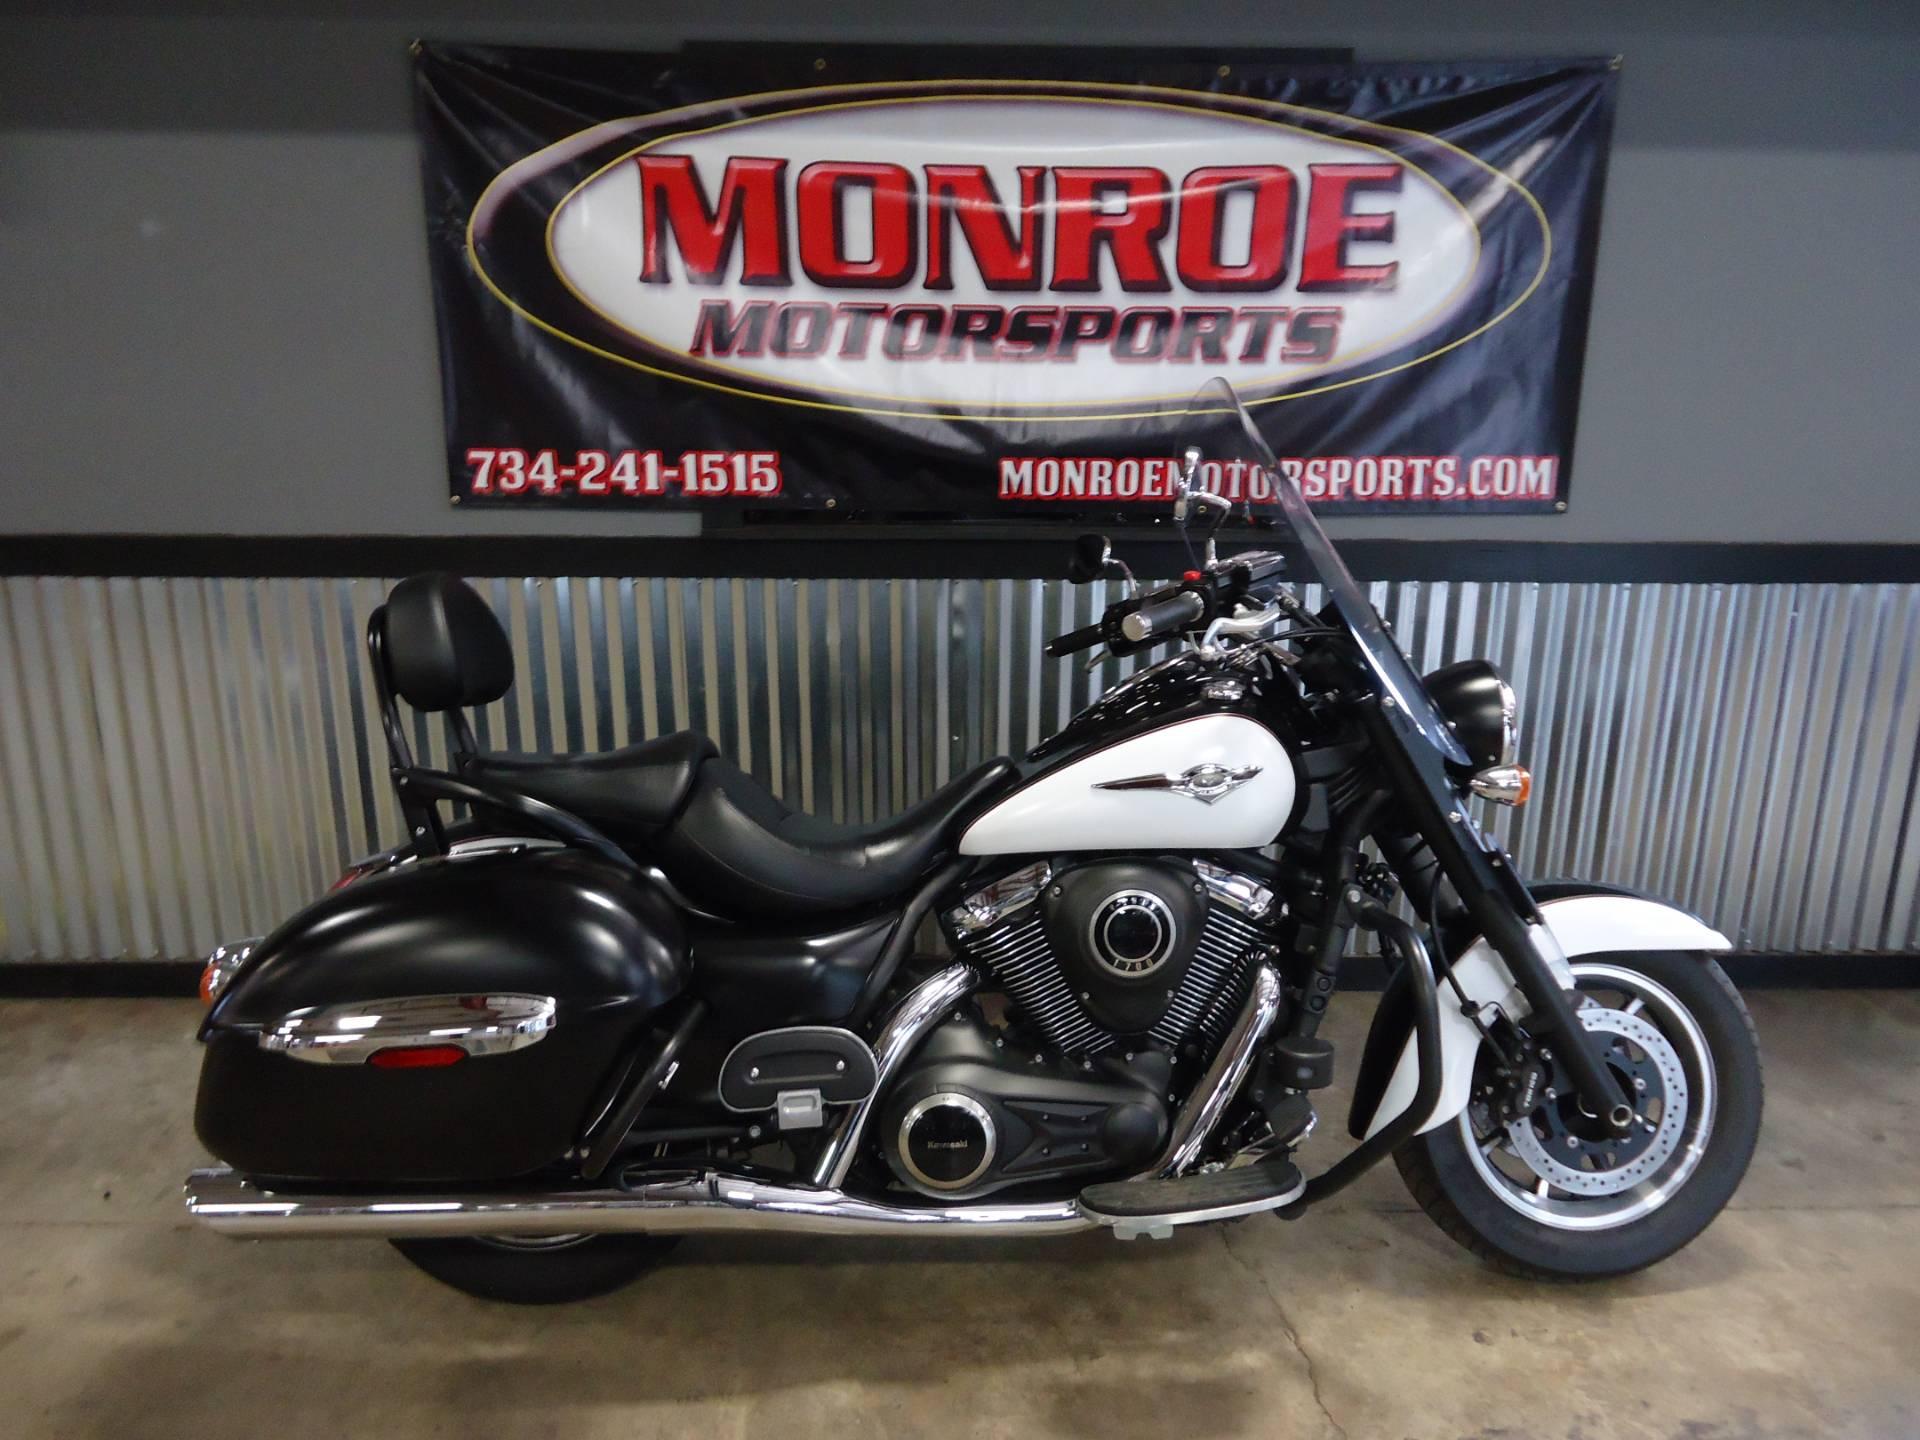 2014 Kawasaki Vulcan® 1700 Nomad™ ABS Motorcycles Monroe Michigan ...